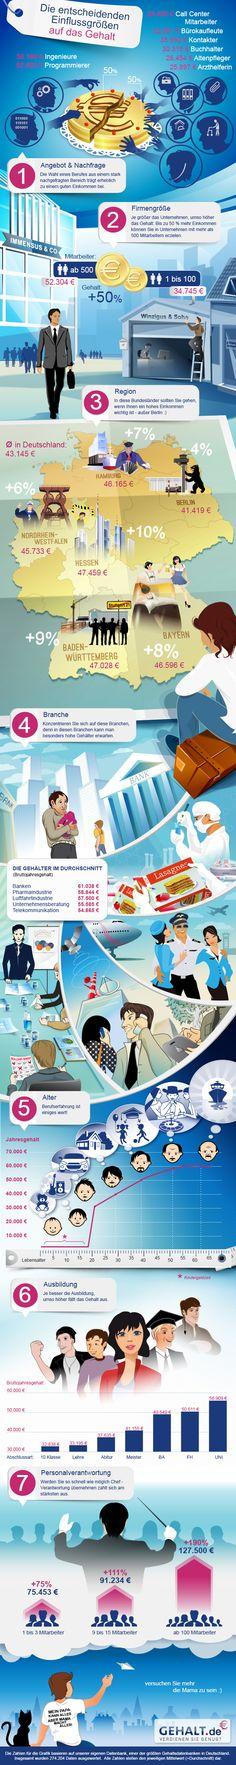 Gehaltsfaktoren-Infografik http://www.gehalt.de/specials/Die-entscheidenden-Einflussgroessen-auf-das-Gehalt http://www.gehalt.de/images/Gehaltsfaktoren-Infografik.jpg